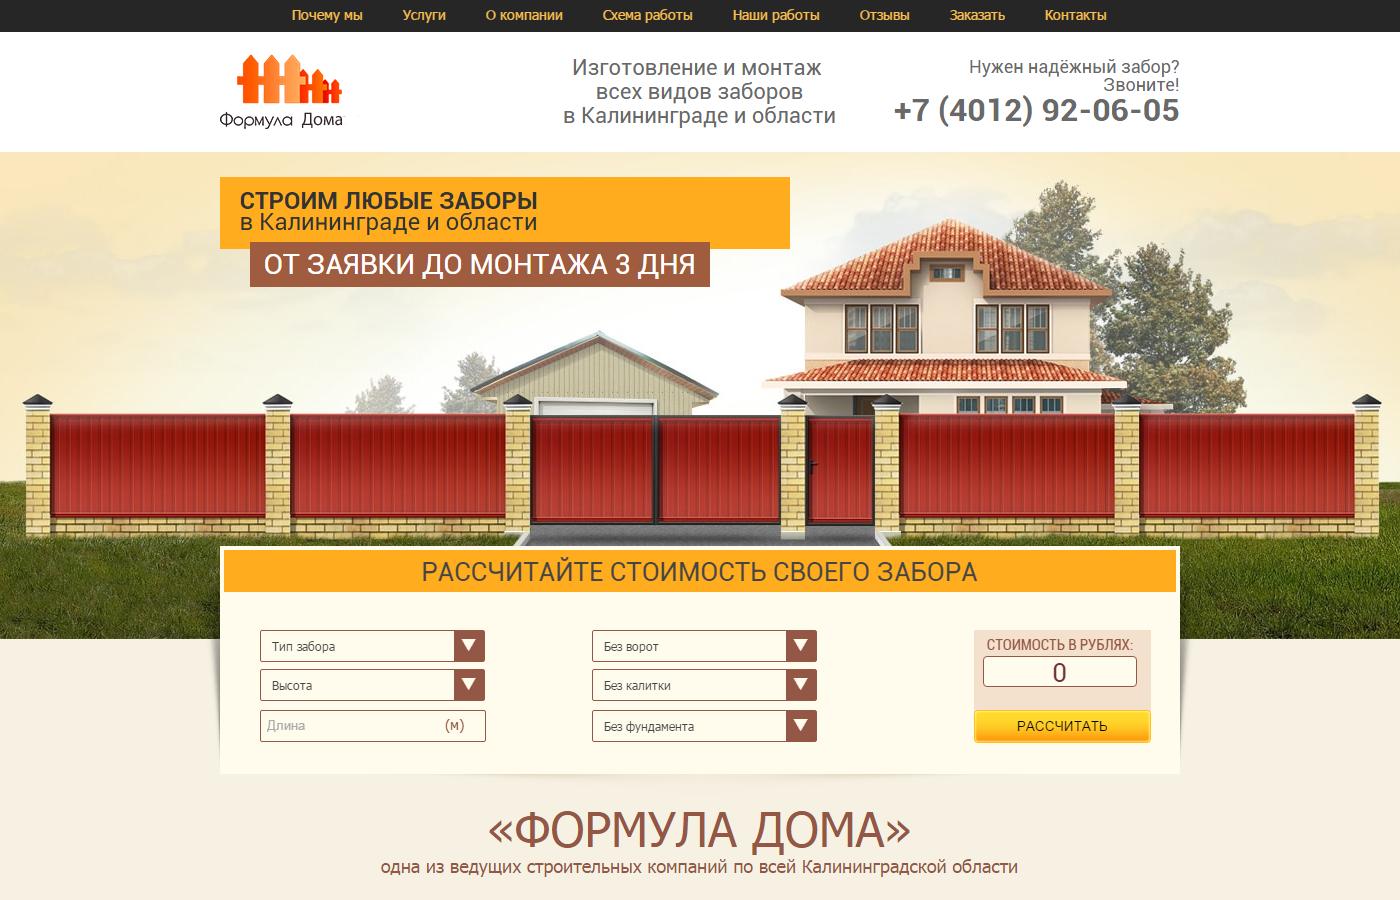 2015 - Landing Page строителей заборов